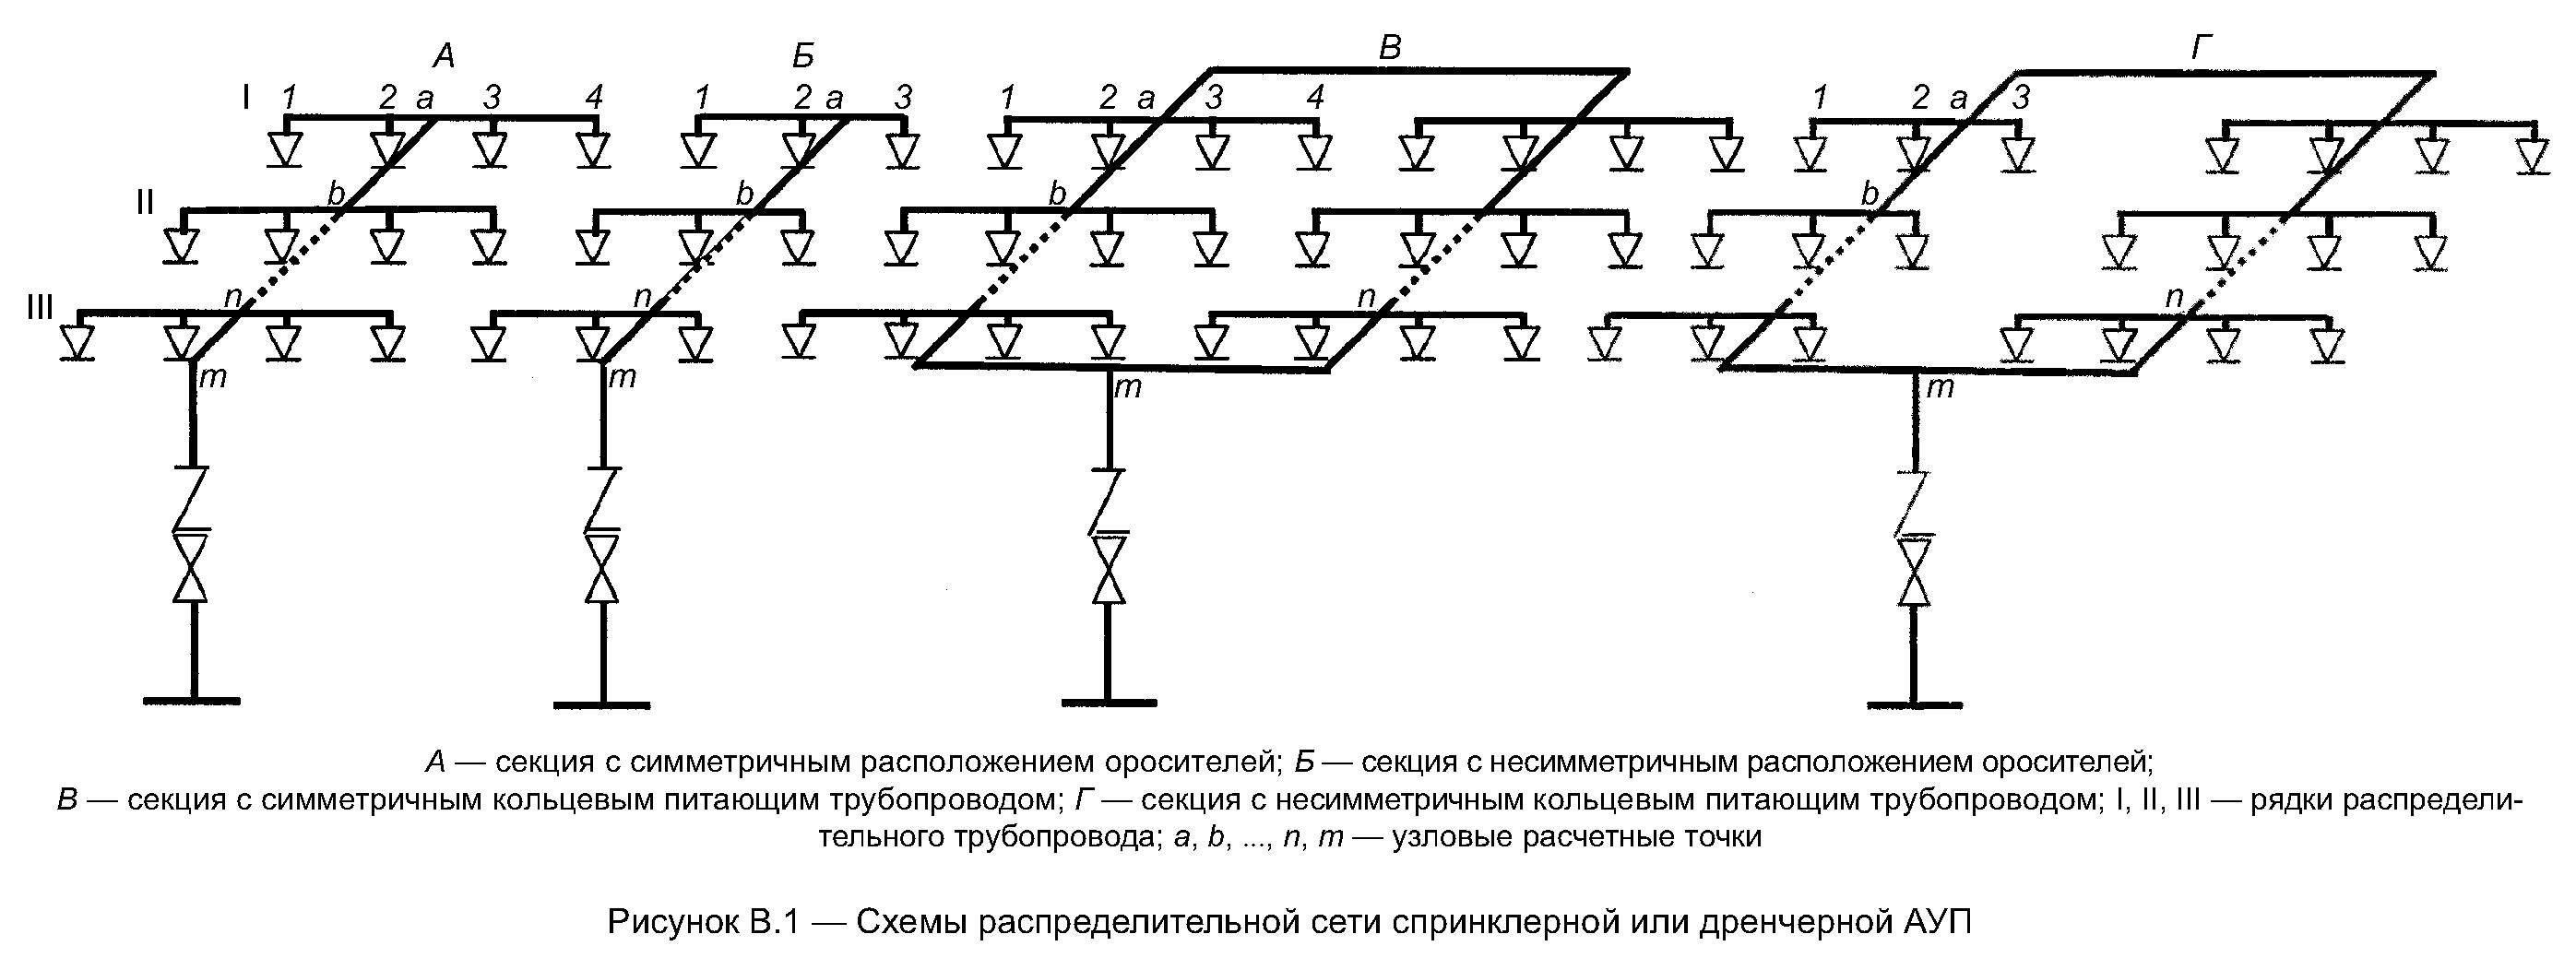 РИС. В.1 (К СВОДУ ПРАВИЛ СП 5.13130.2009)